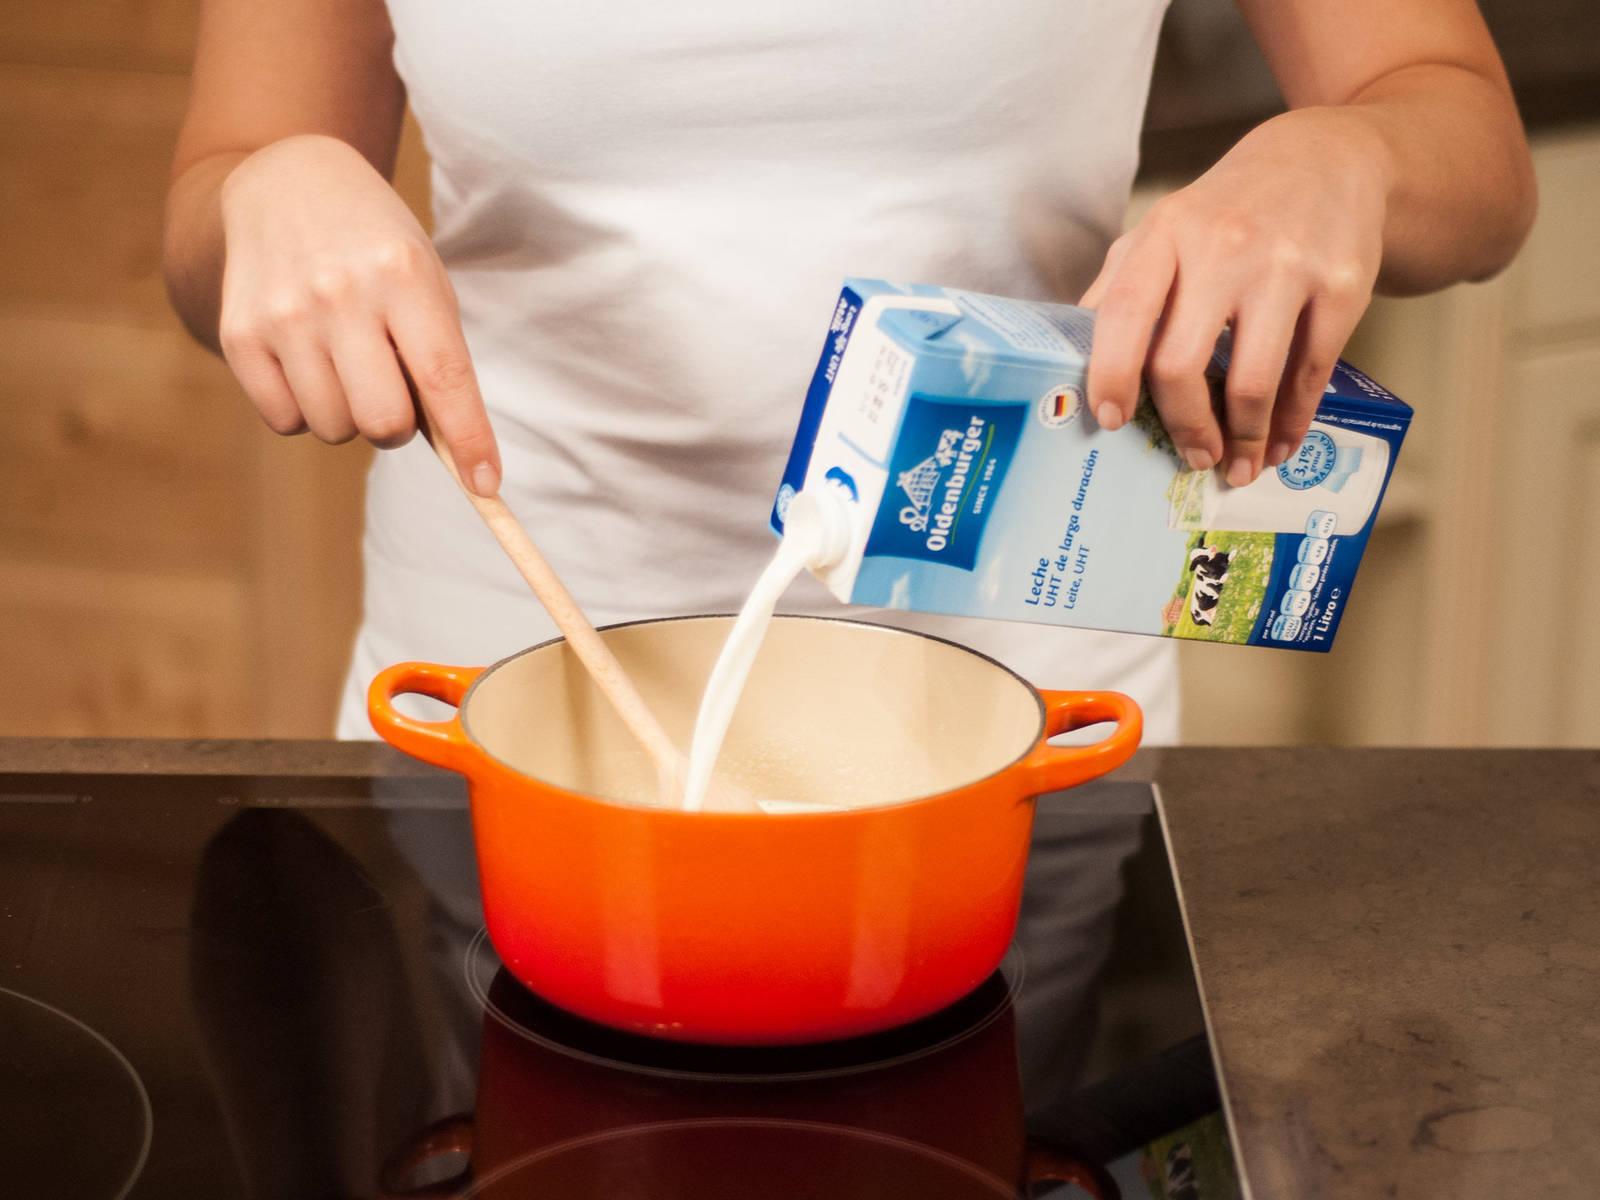 Backofen auf 110°C vorheizen. Milch, Sahne, ein Drittel des Zuckers, Vanillemark und eine Prise Salz in einem Topf verquirlen und leicht zum Kochen bringen.